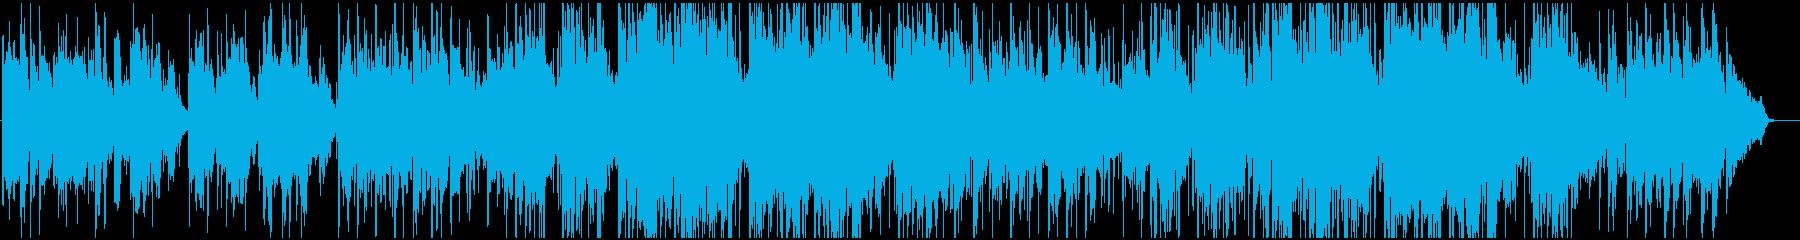 広がりのあるやわらかい感動BGMの再生済みの波形